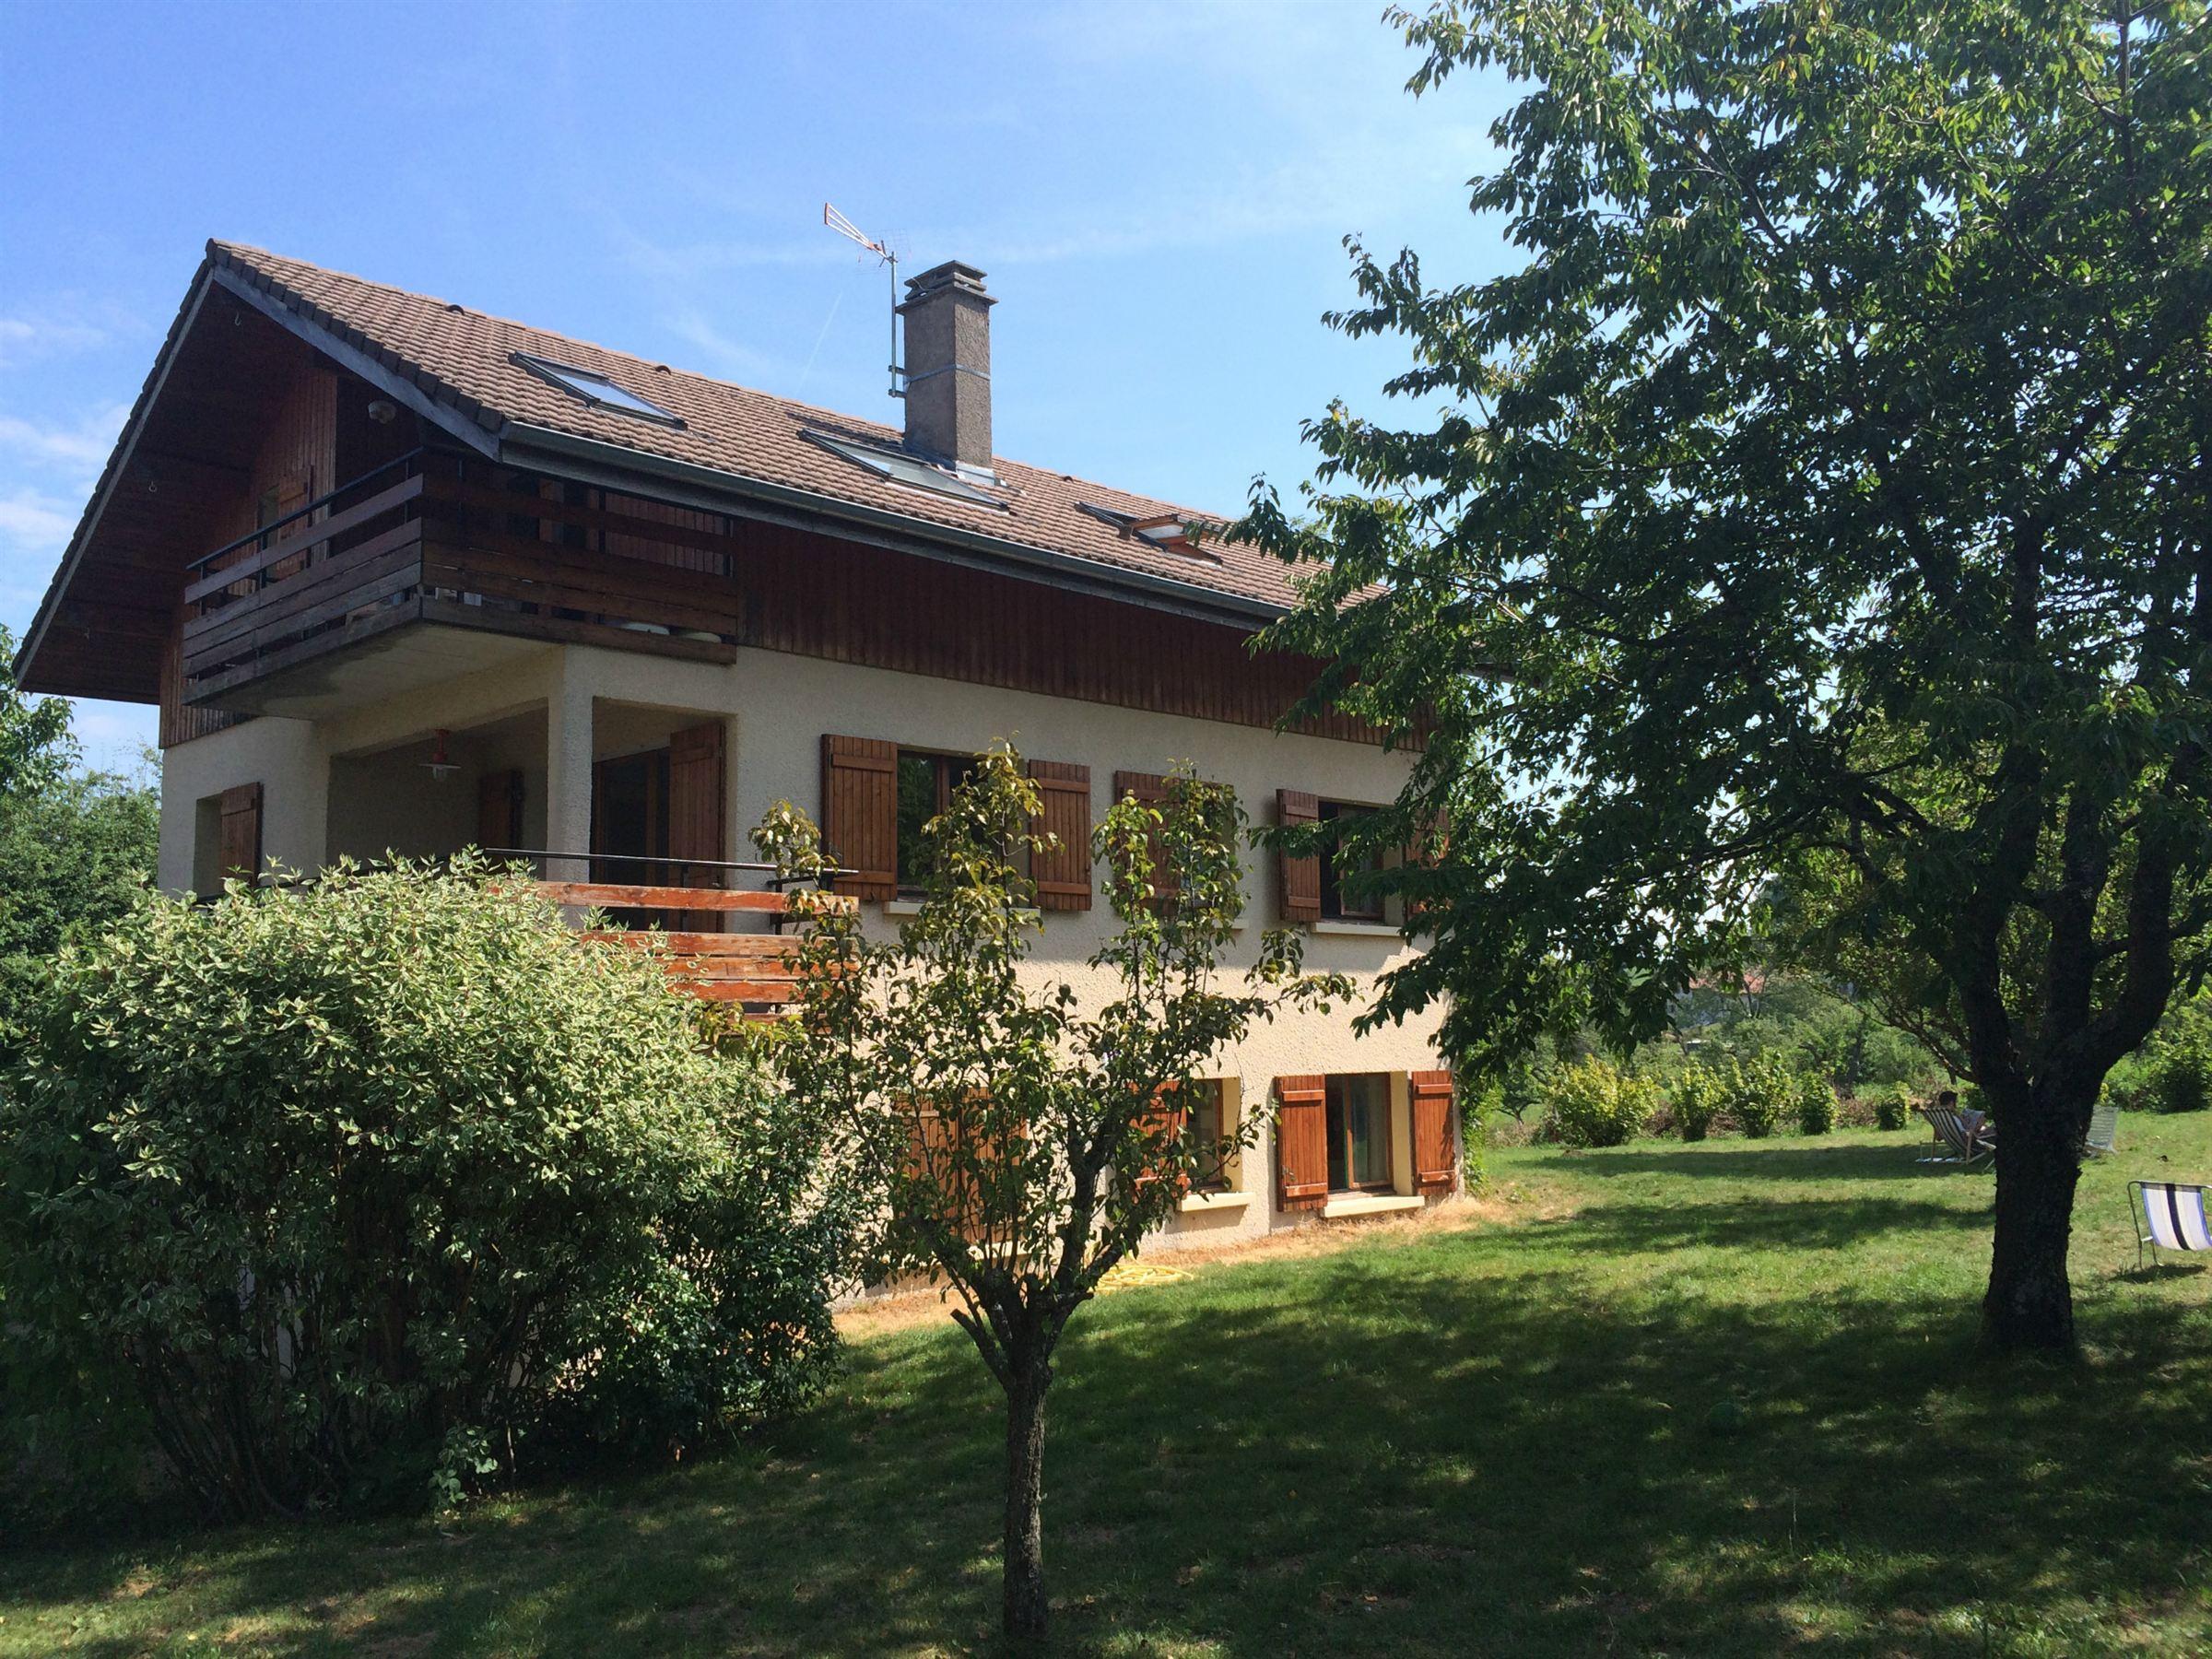 独户住宅 为 销售 在 house saint paul en chablais 其他罗纳河, 罗纳阿尔卑斯, 74500 法国